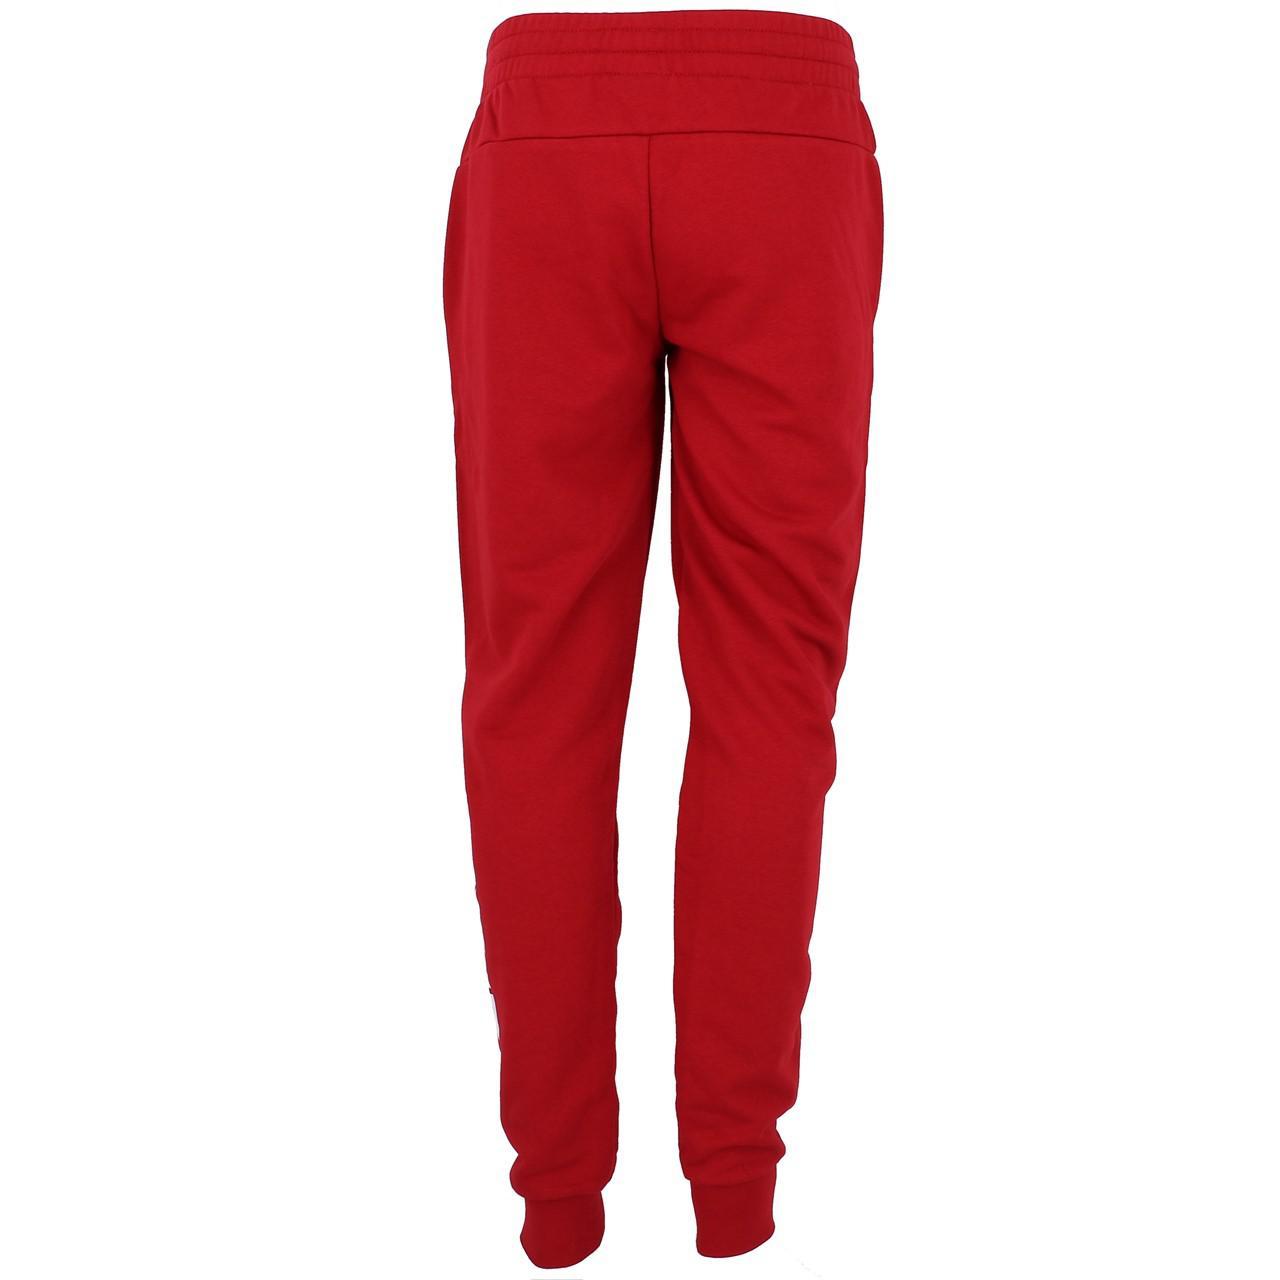 Pantalon-de-survetement-Adidas-E-lin-bdx-wht-pant-l-Rouge-18961-Neuf miniature 5